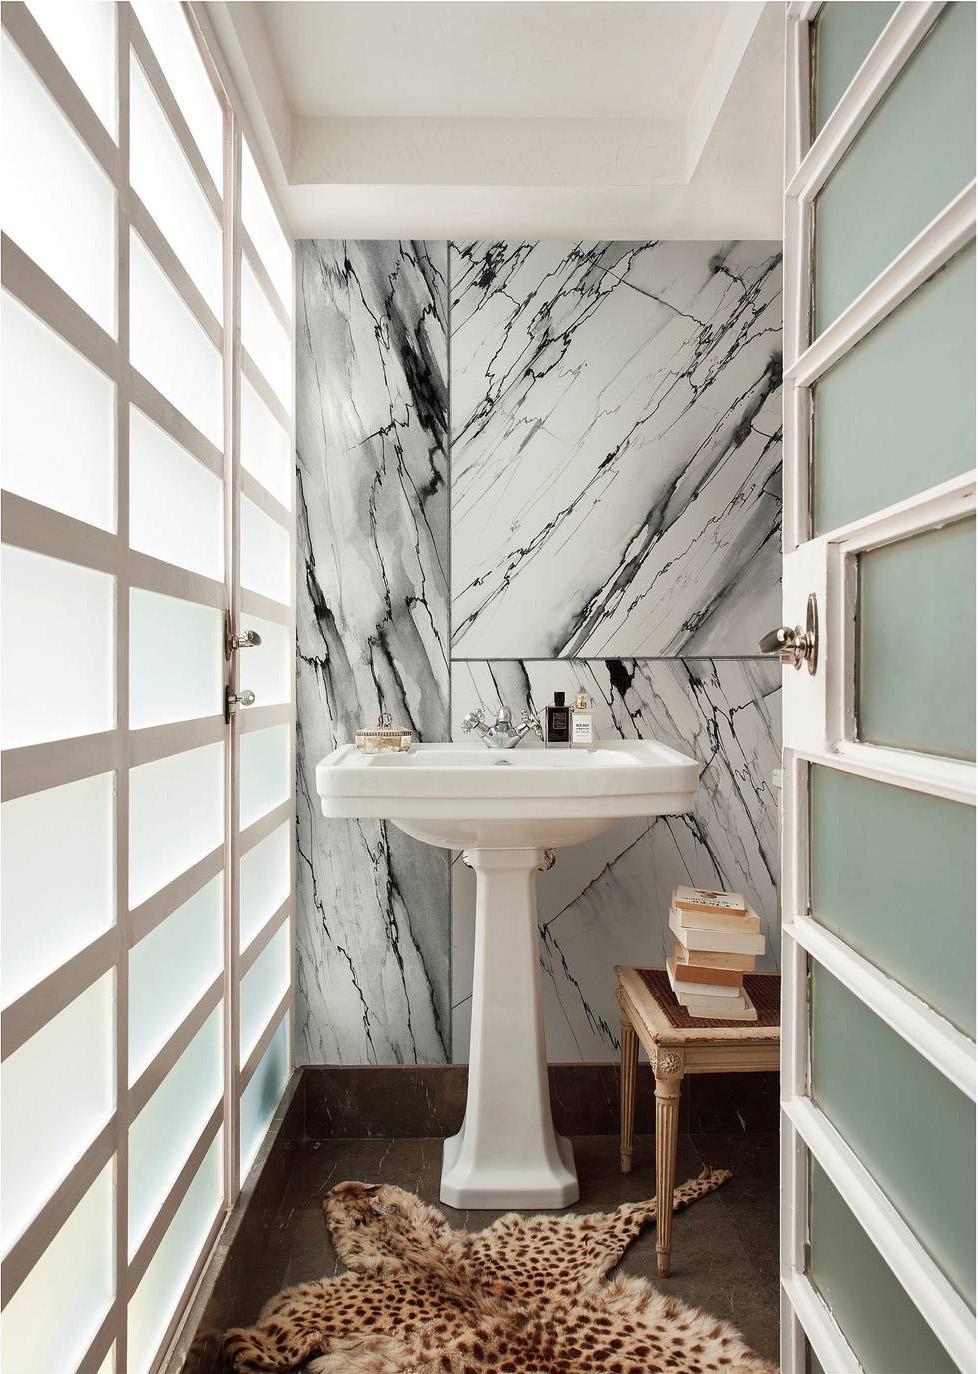 Bagno di tendenza ambienti da copiare cose di casa for H rivestimento bagno